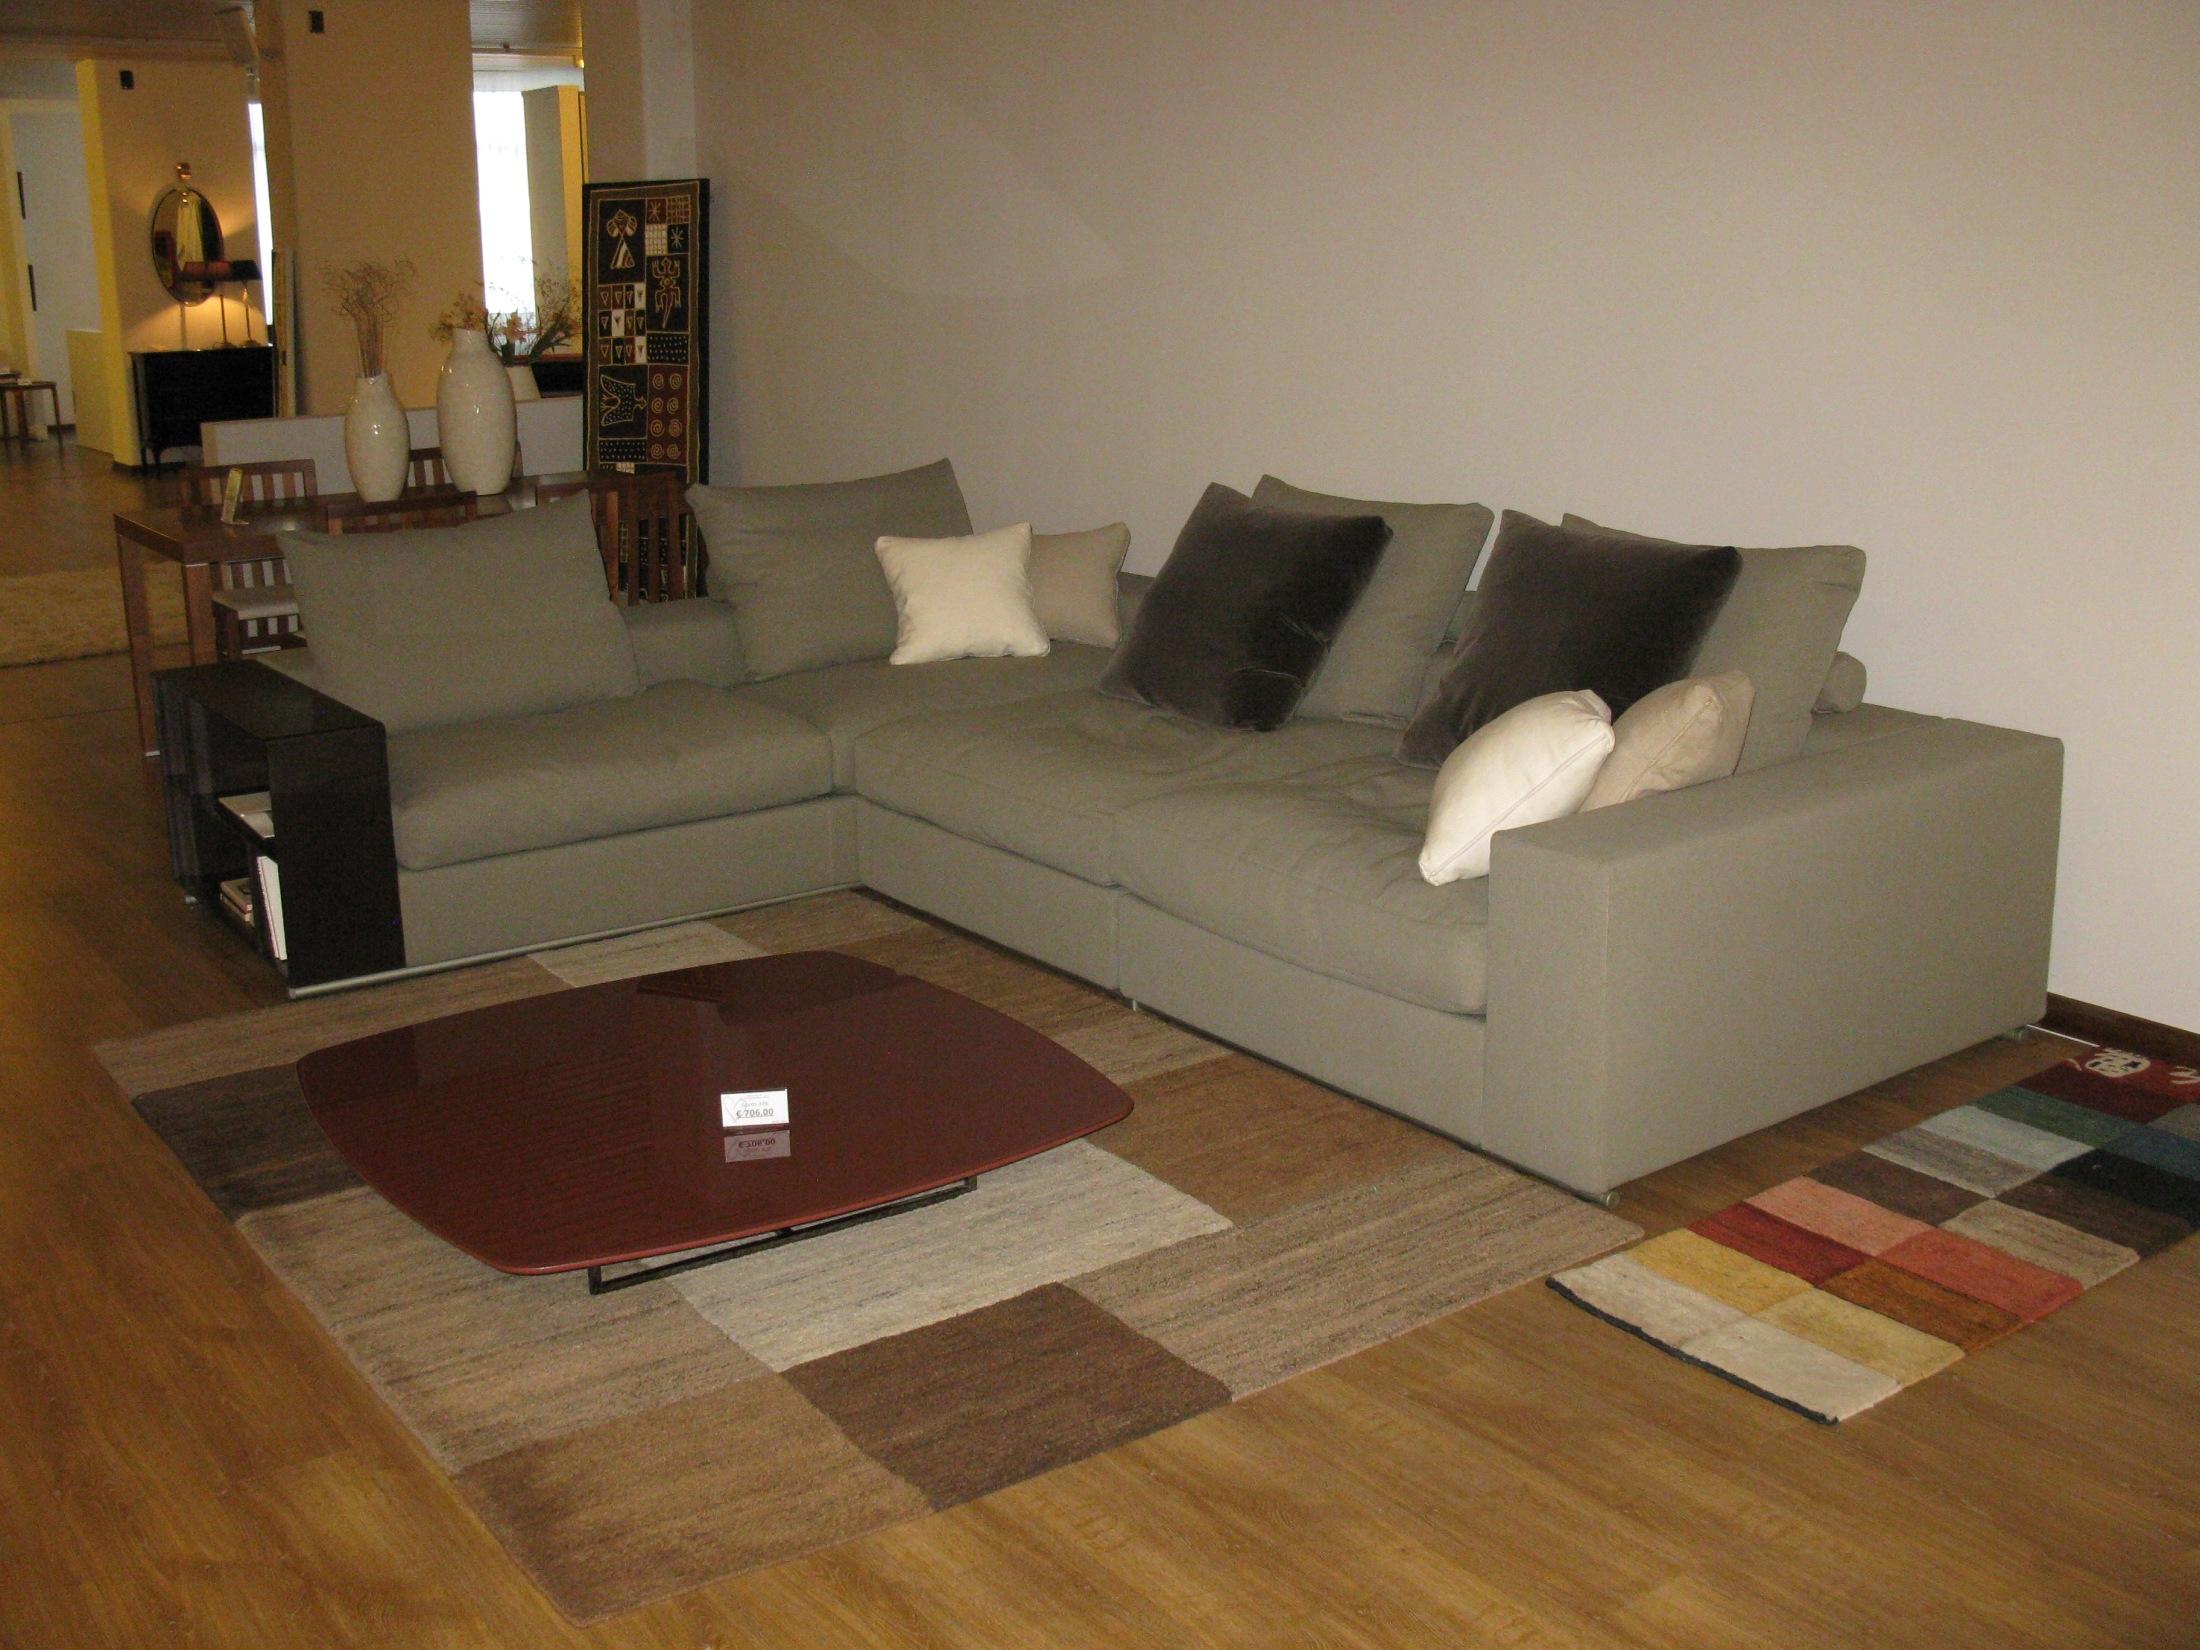 Divano flexform groundpiece divani a prezzi scontati - Flexform divani letto ...